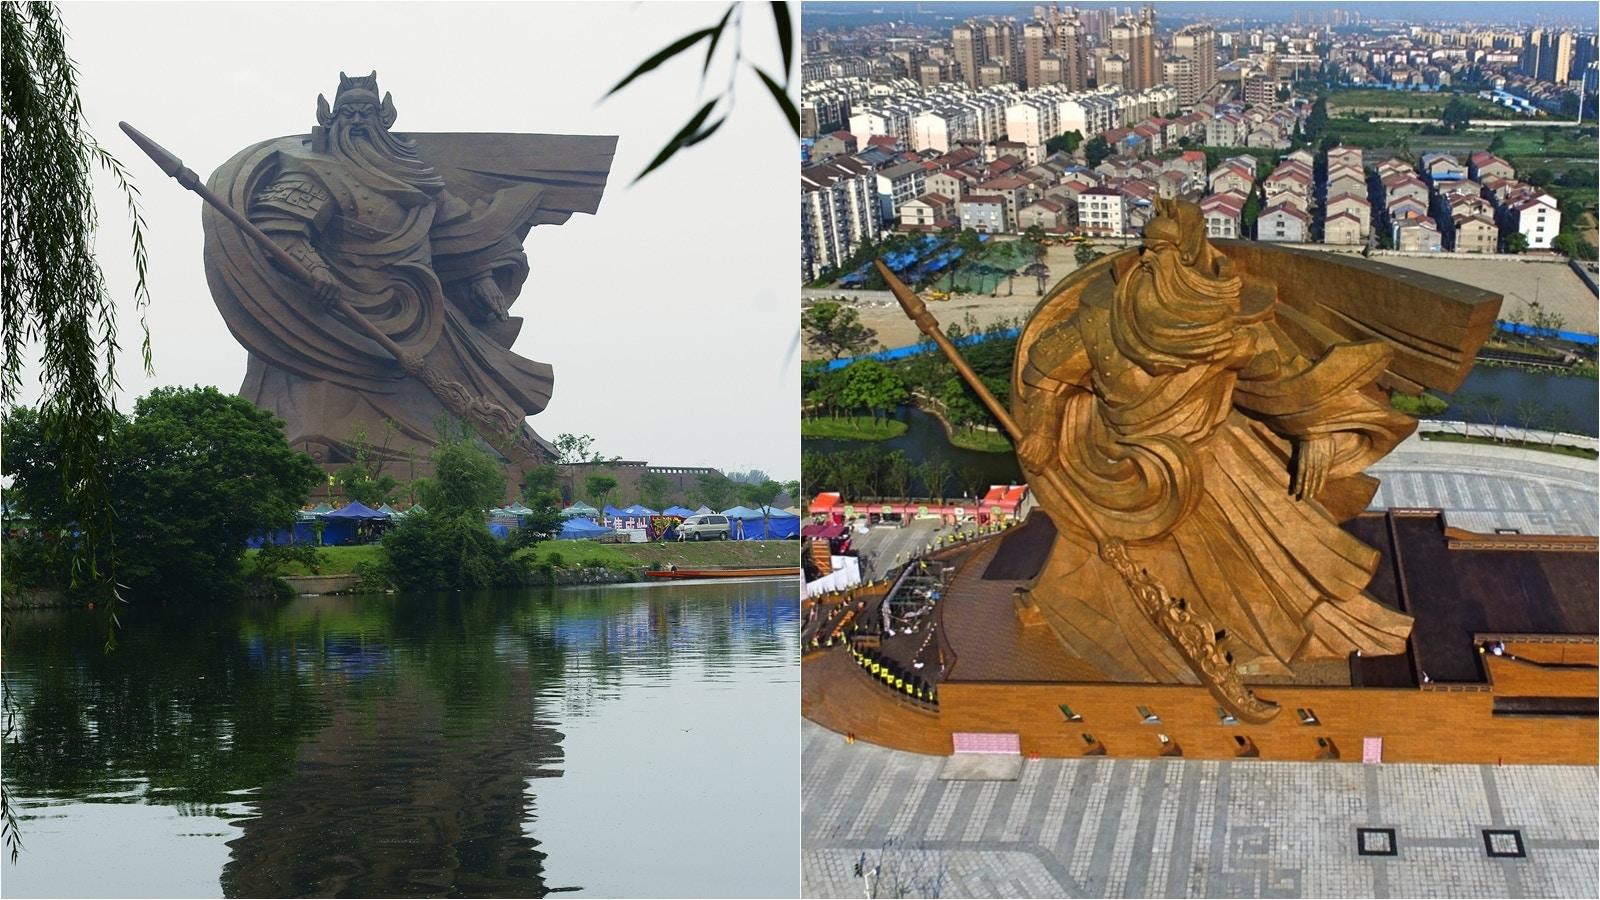 住建部通報湖北荊州關公雕像違規須整改 此前被揭屬違建且現沉降|香港01|即時中國